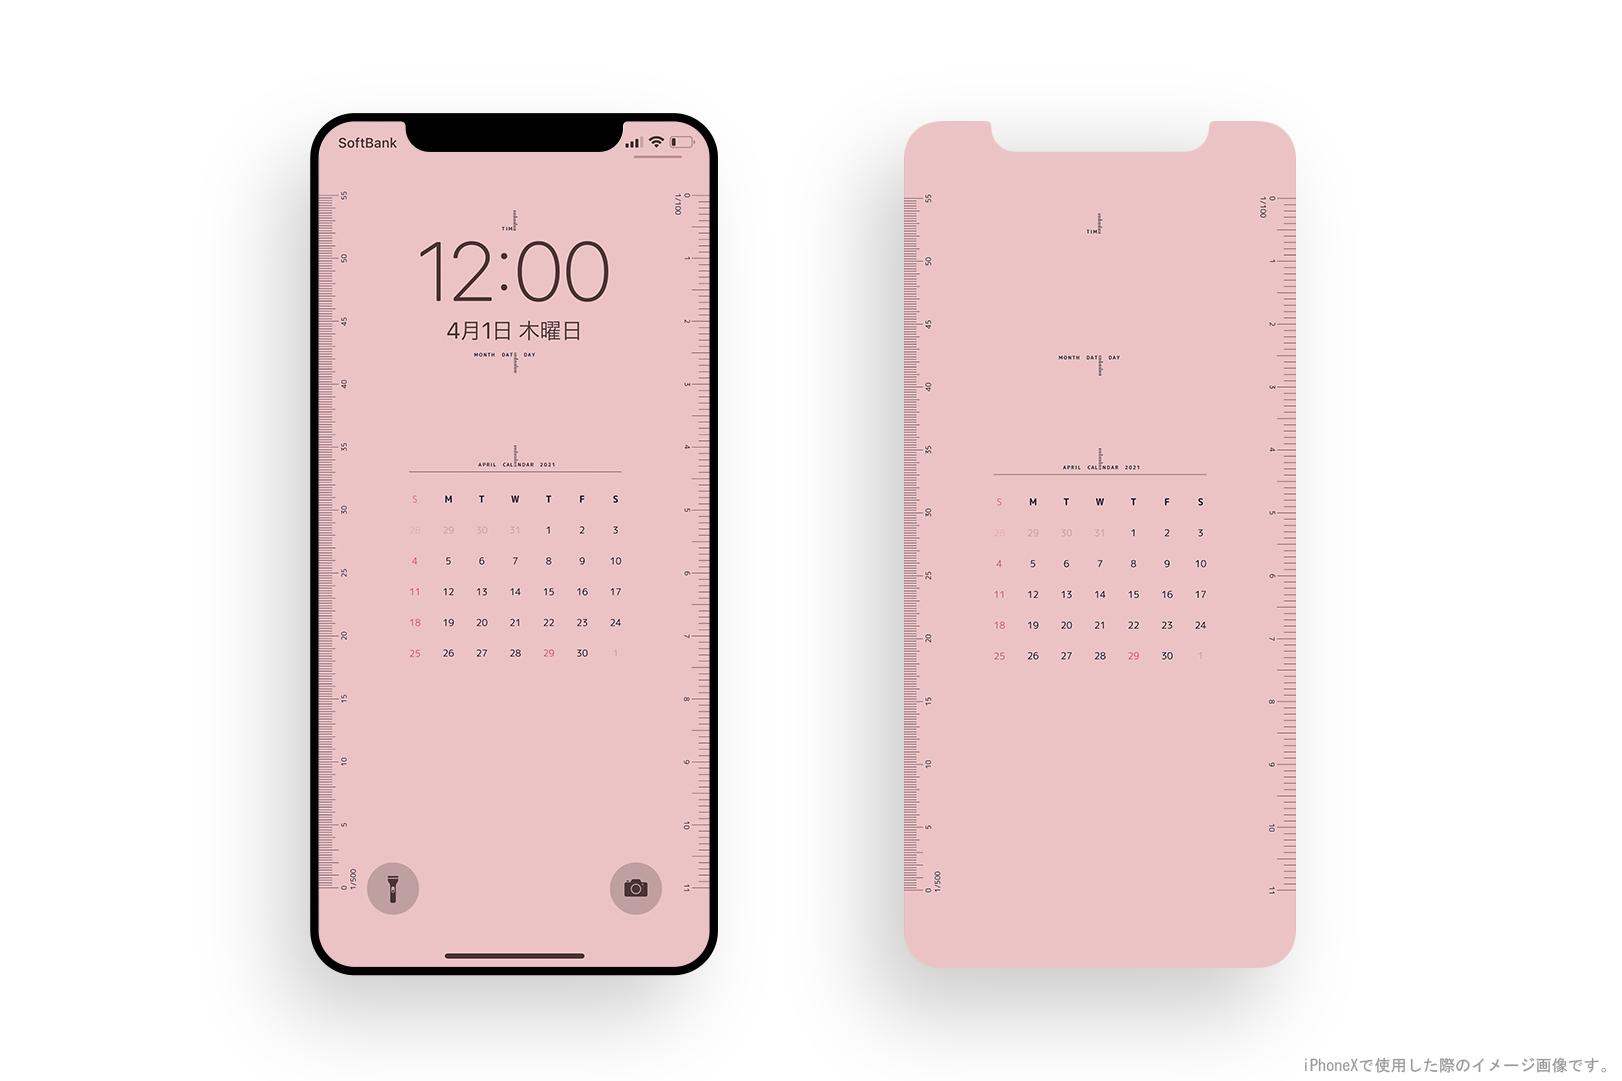 4月限定。春らしい桜色のiPhone用ロック画面壁紙「iPhone Scale Calendar」を作りました。